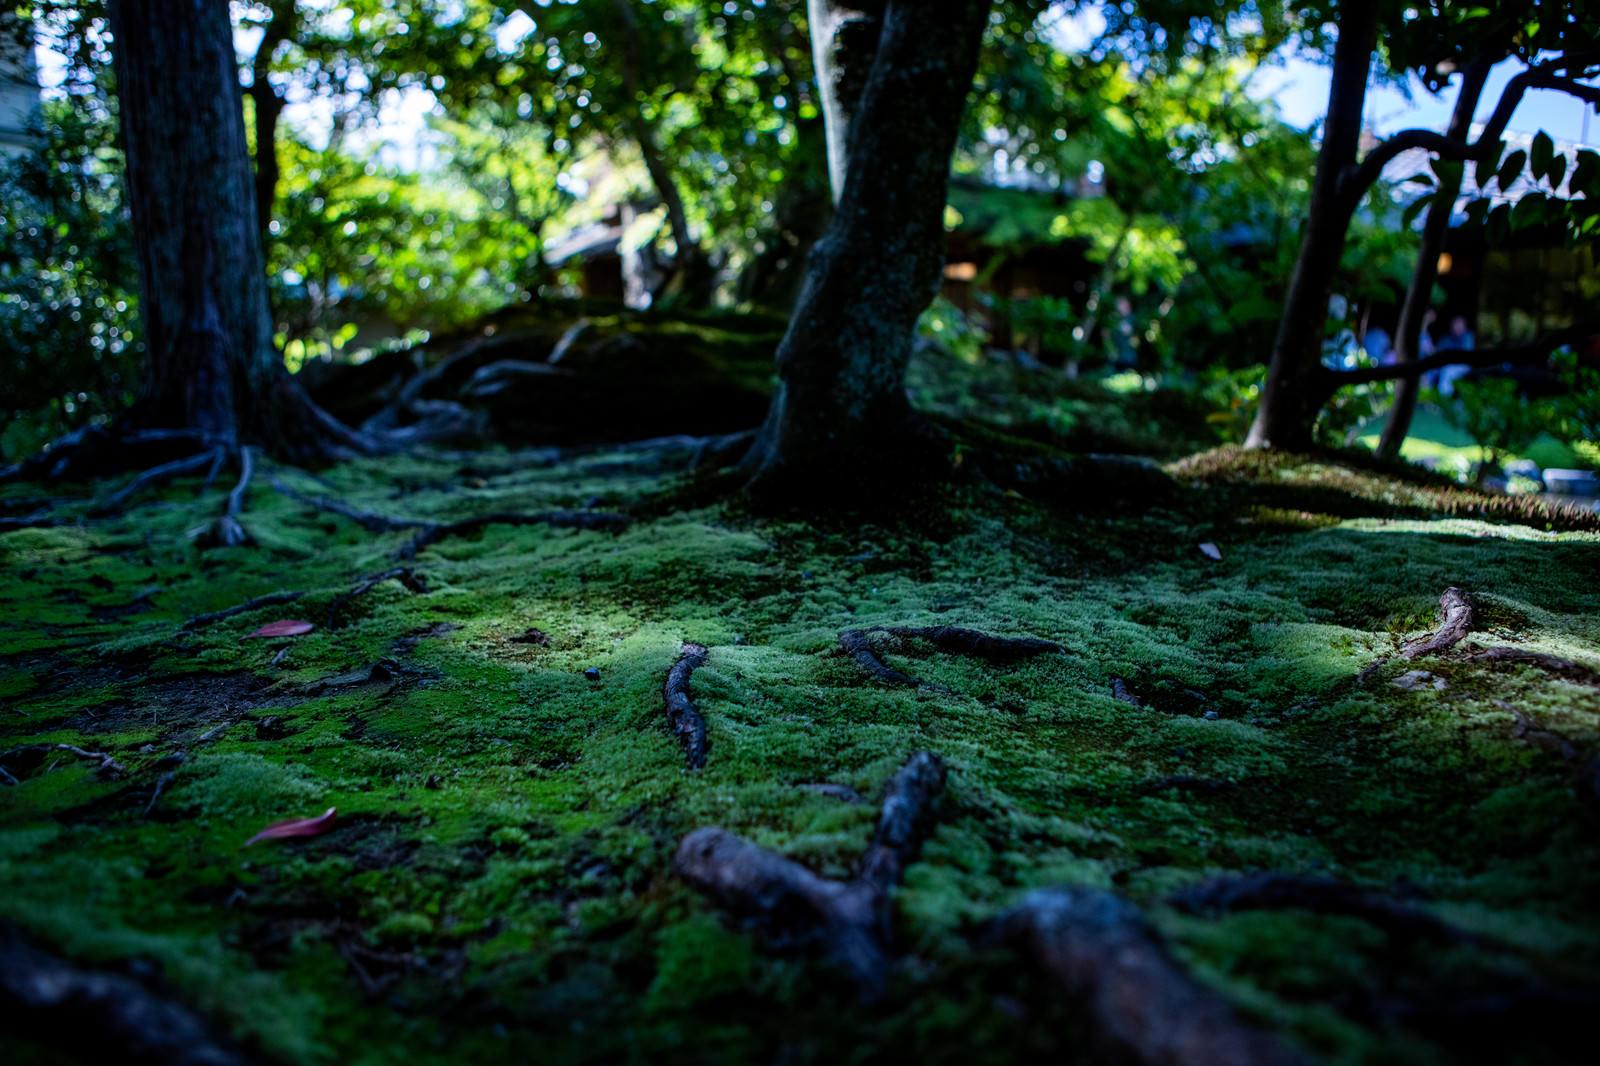 「日本庭園の苔生す地面に張りめぐる木の根」の写真